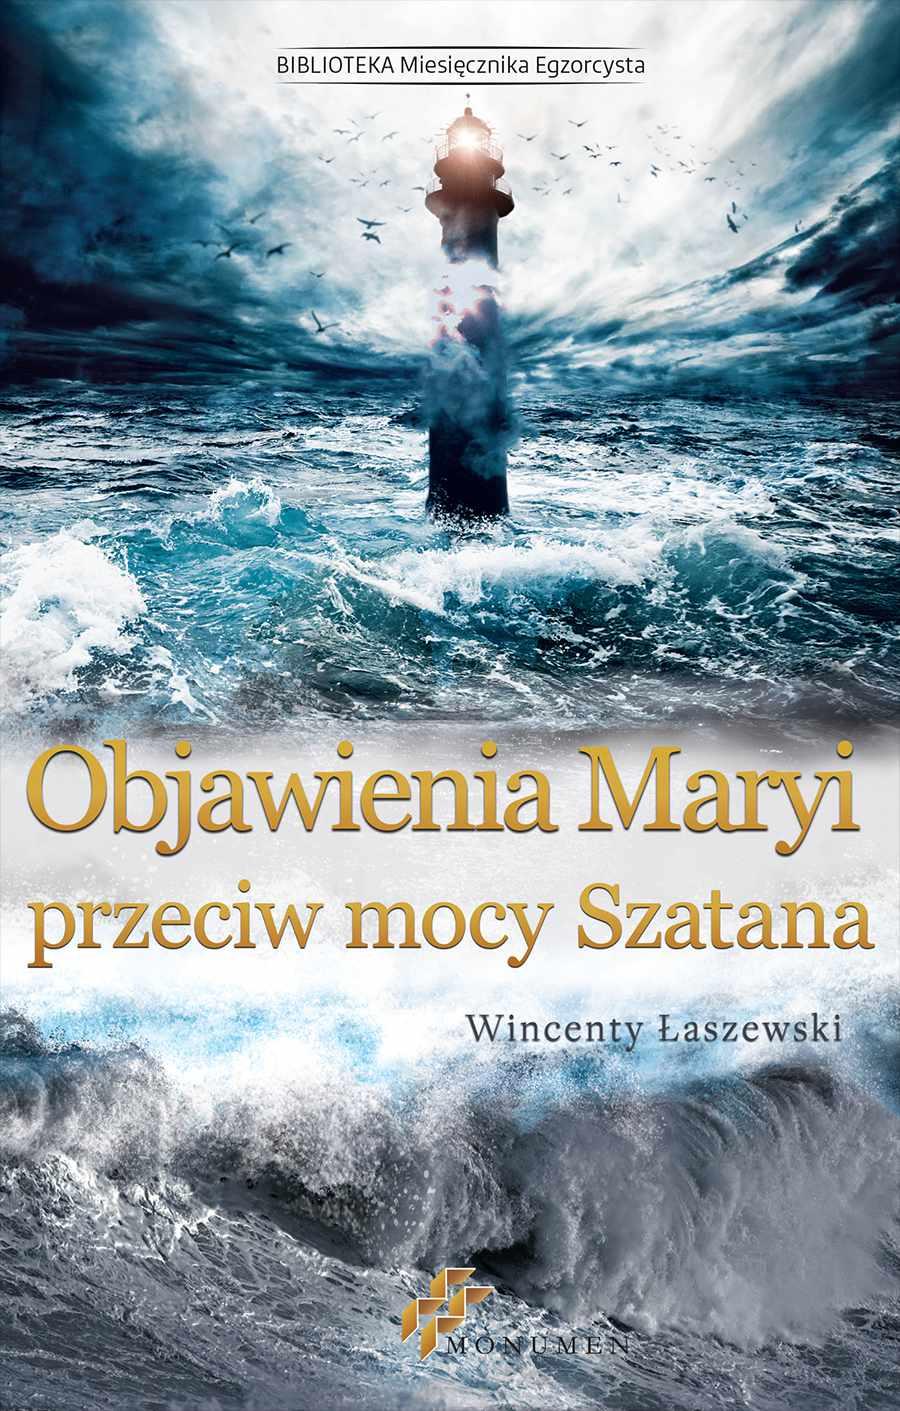 Objawienia Maryi przeciw mocy Szatana - Ebook (Książka EPUB) do pobrania w formacie EPUB